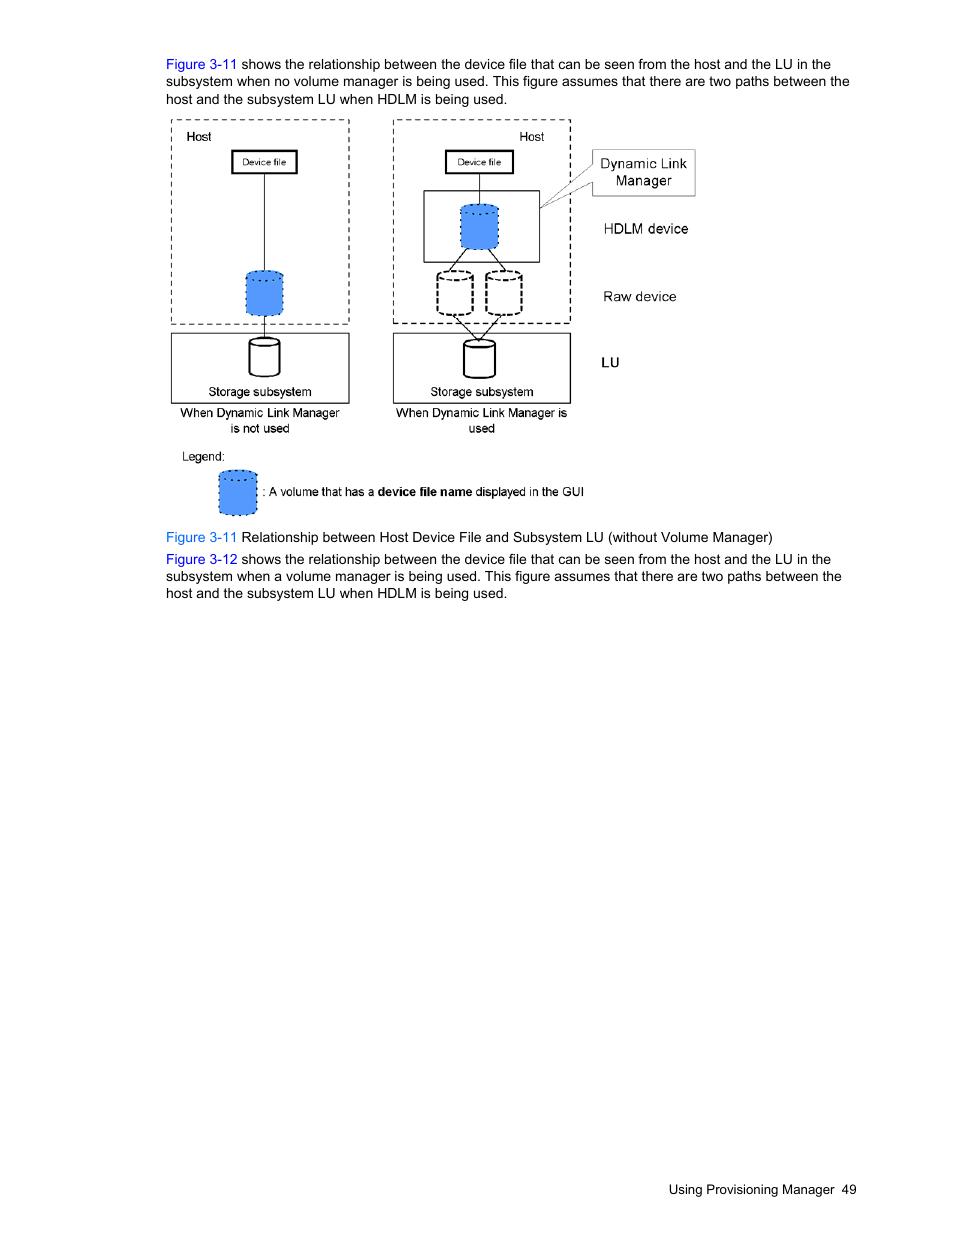 hp storageworks xp48 disk array user manual page 49 203 rh manualsdir com hp 49 calculator manual hp 49 user manual